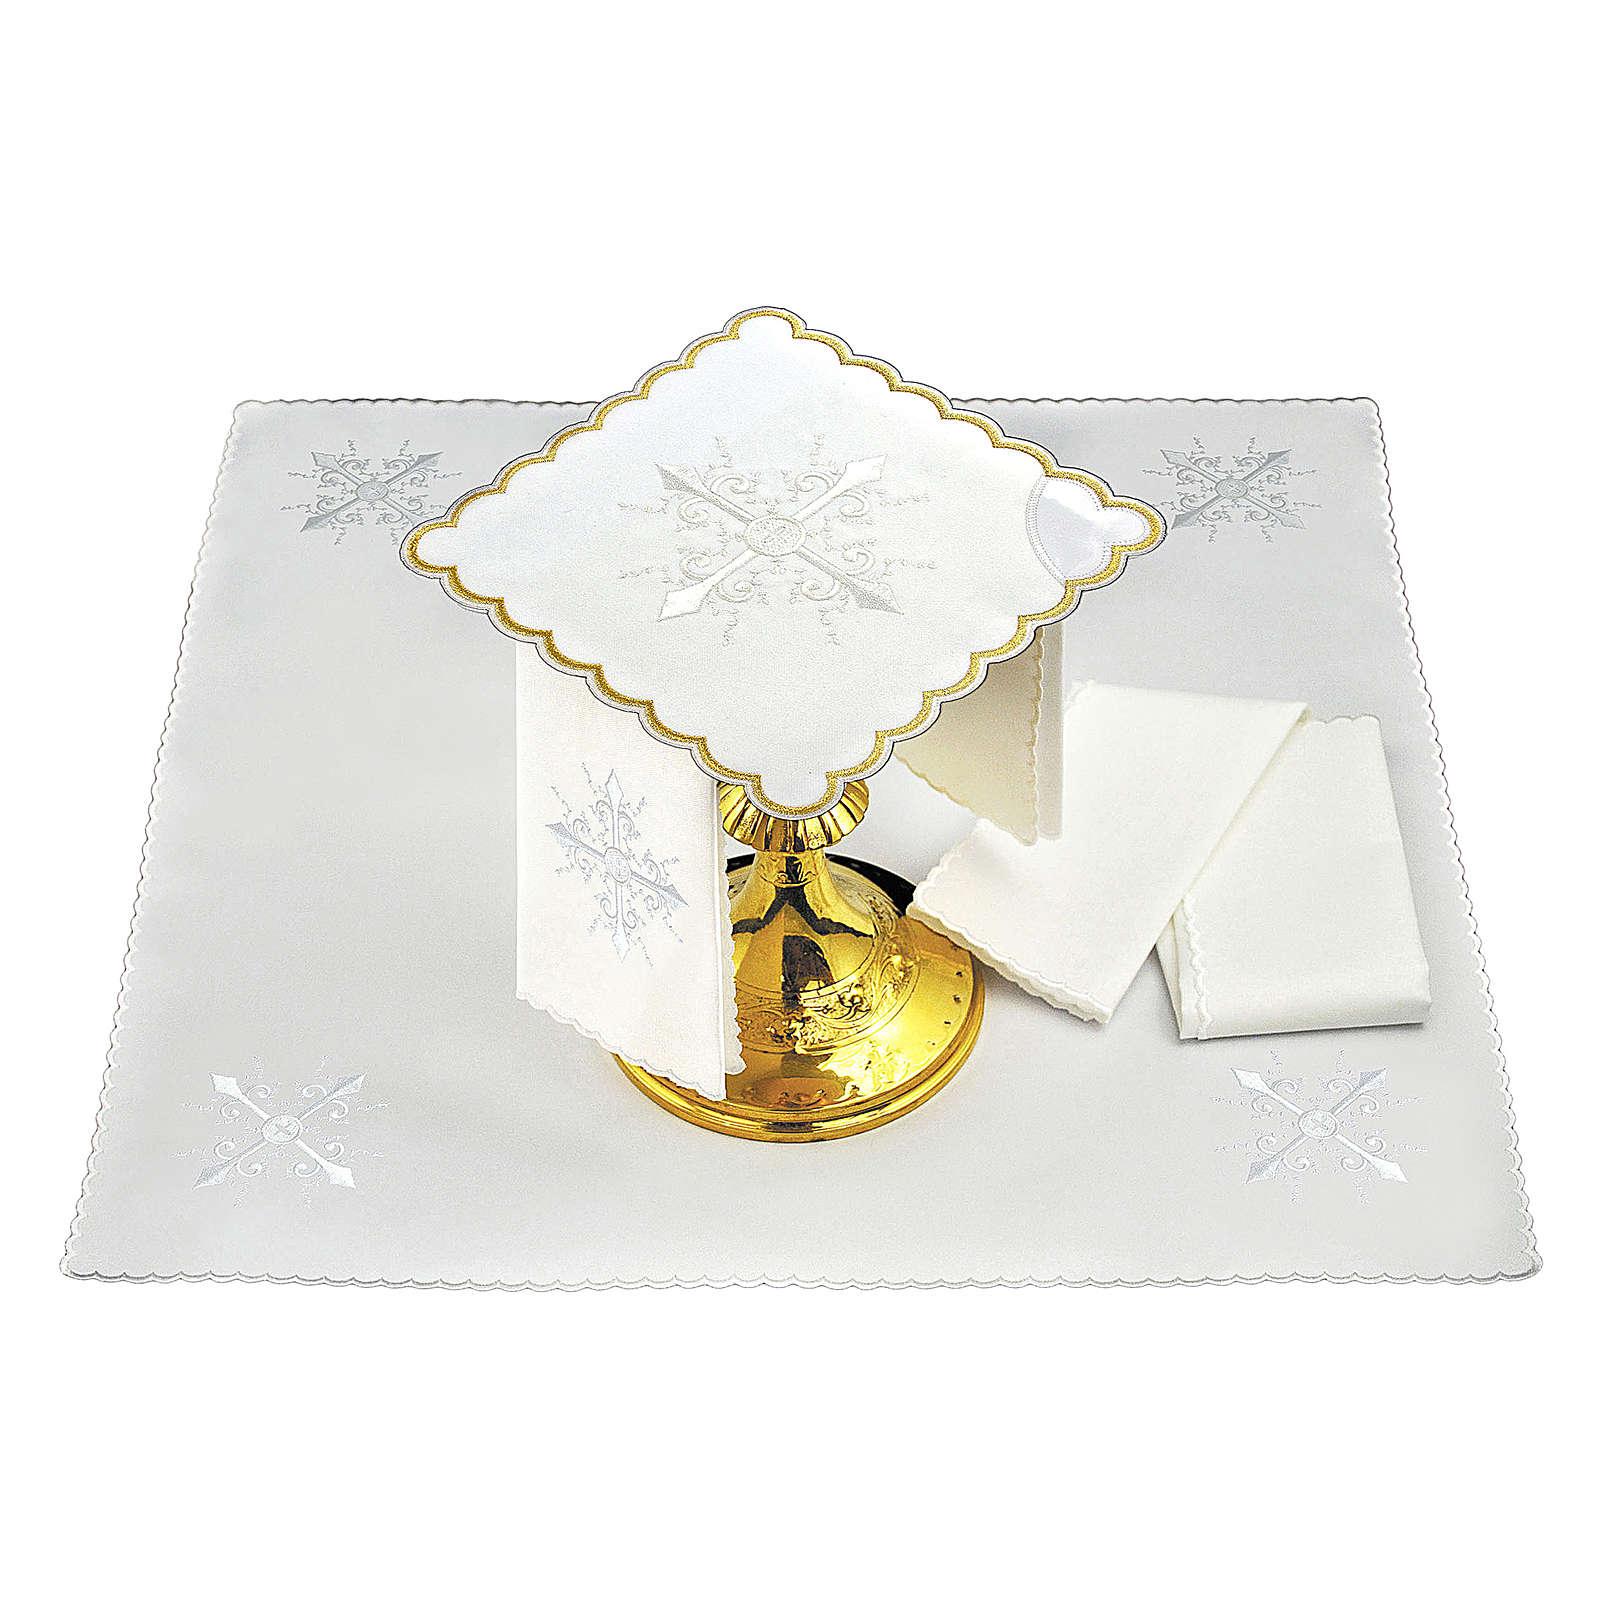 Servizio da altare cotone ricamo bianco croce barocca 4